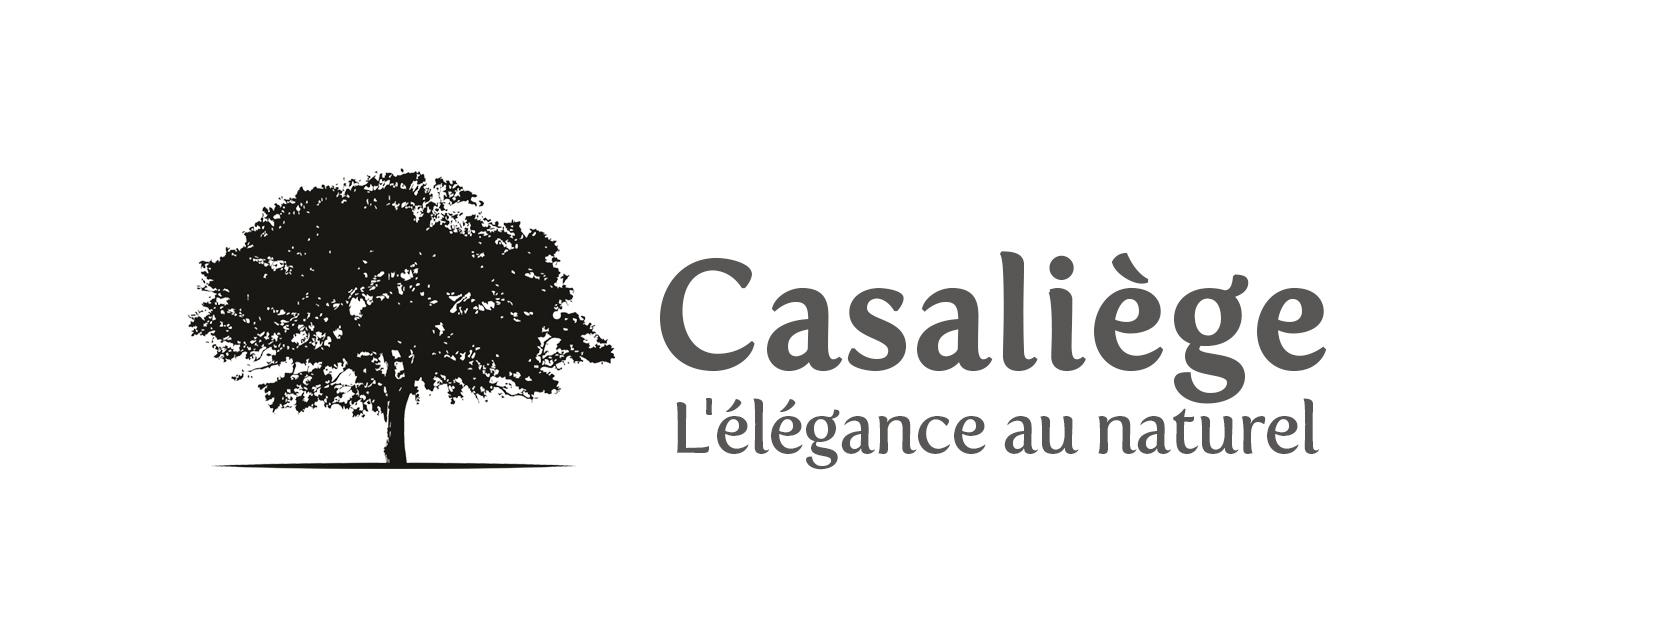 Casaliège